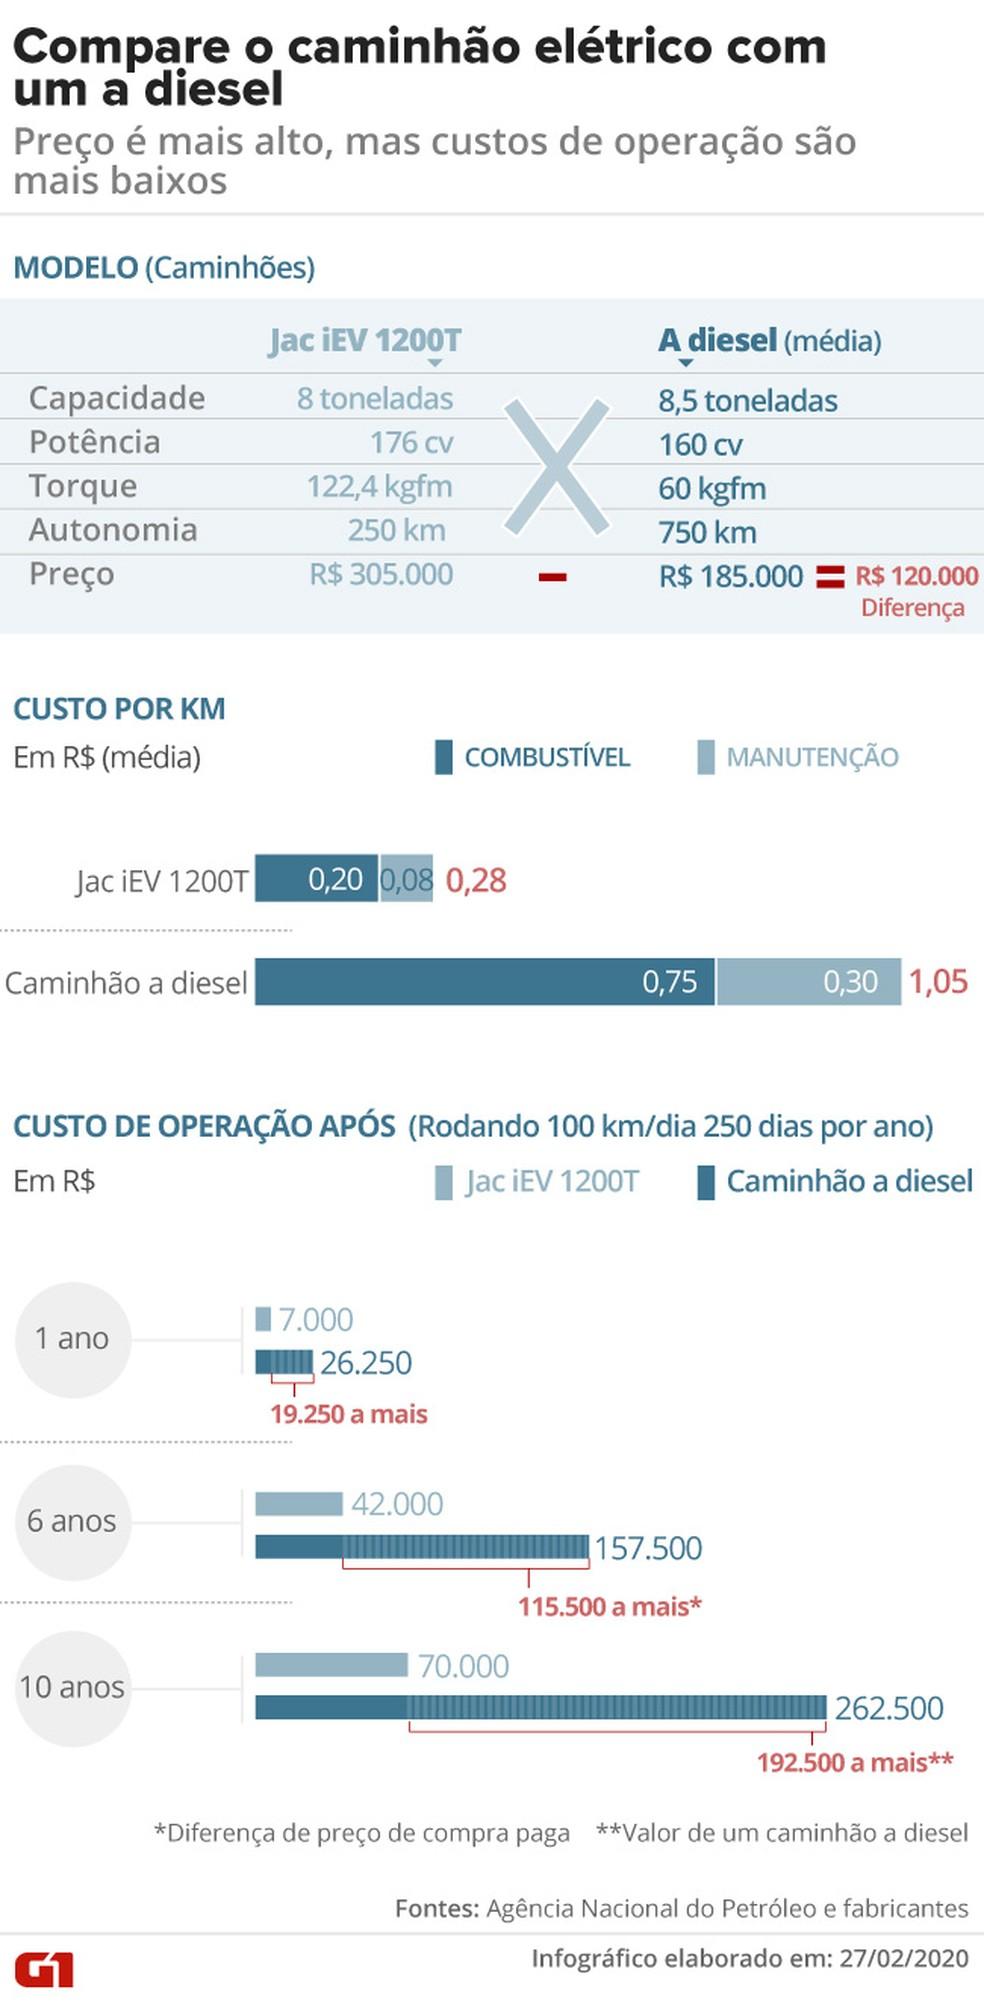 Veja as diferenças de custos entre um caminhão elétrico e um a diesel — Foto: Arte: Aparecido Gonçalves/G1